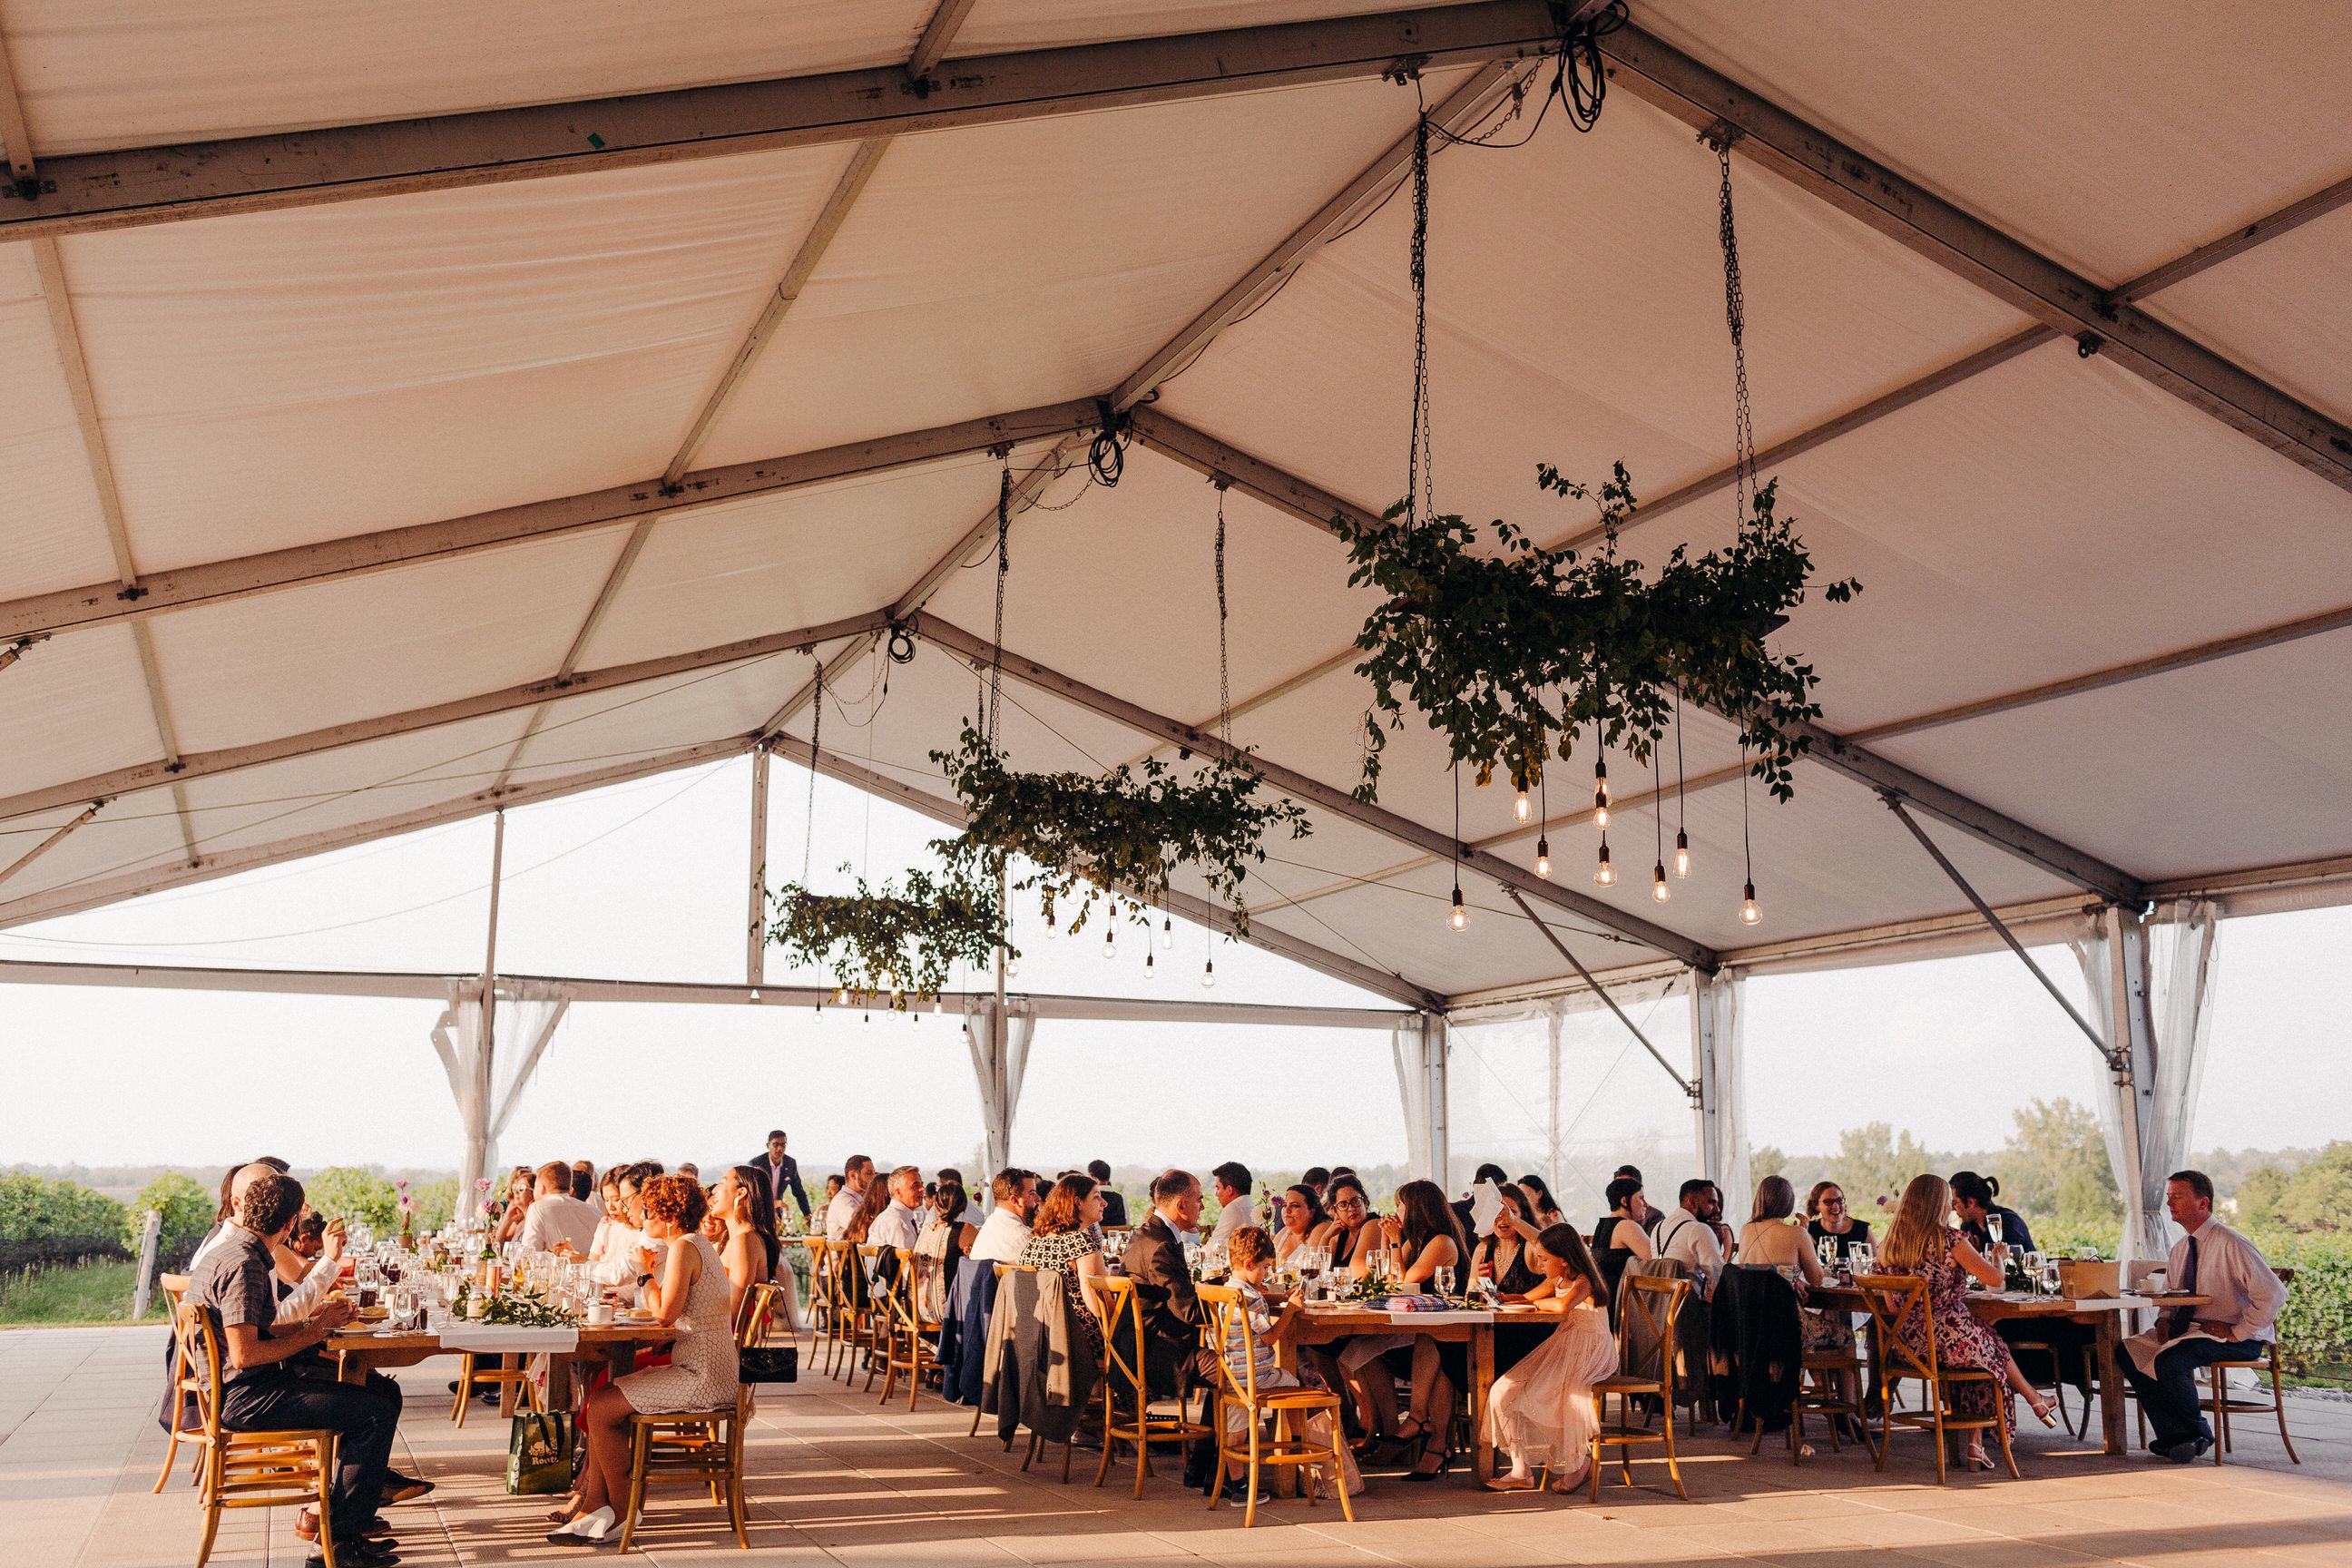 ravine vineyard tent reception